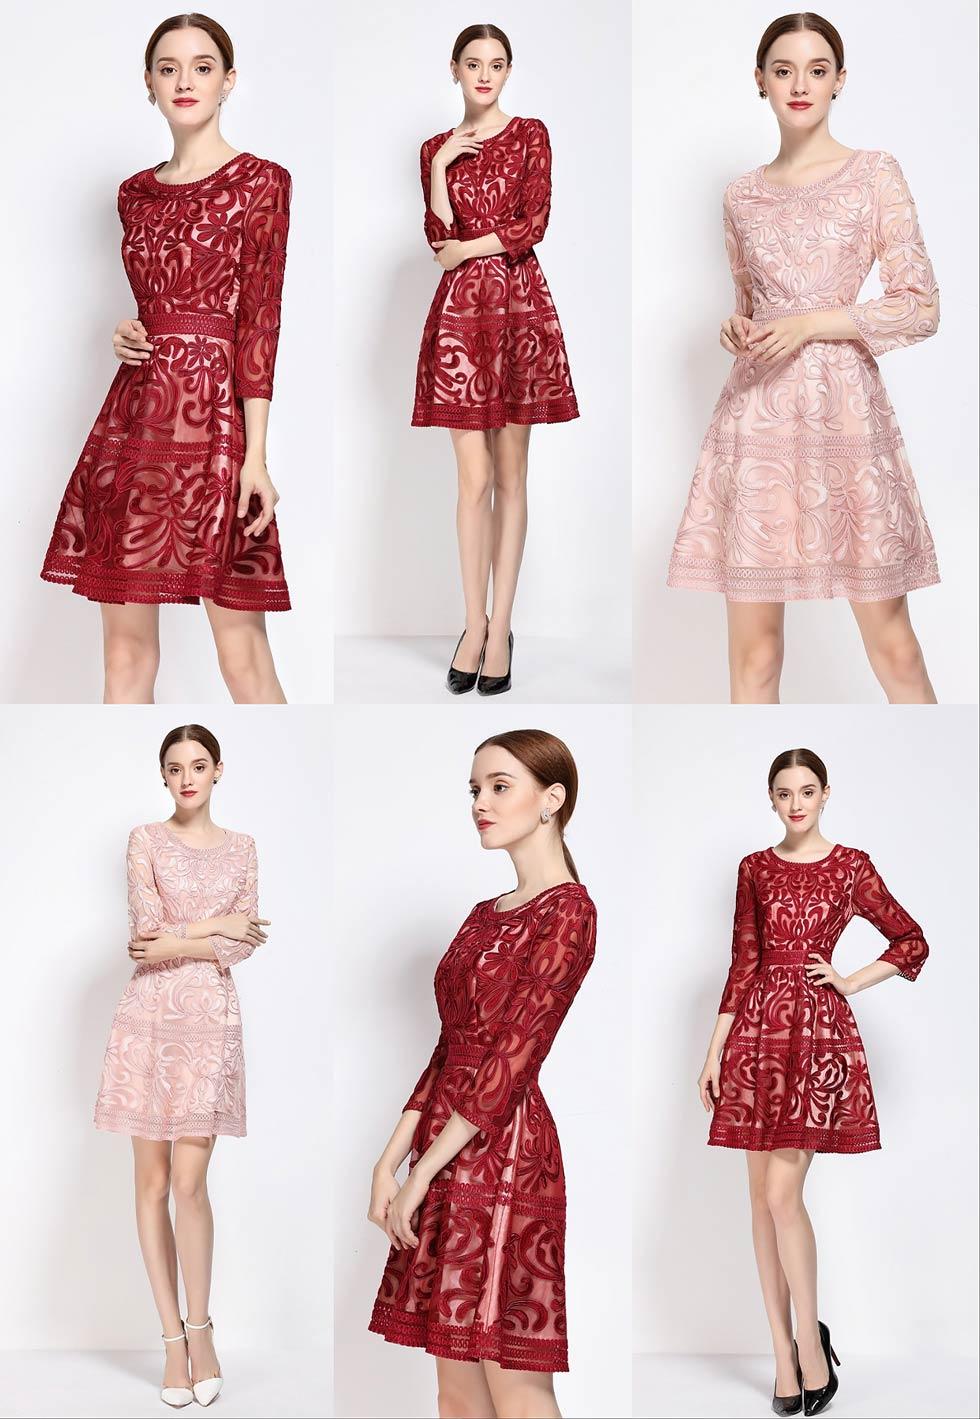 Robes chic soirée fourreau bordeaux & rose en motifs graphiques à manche